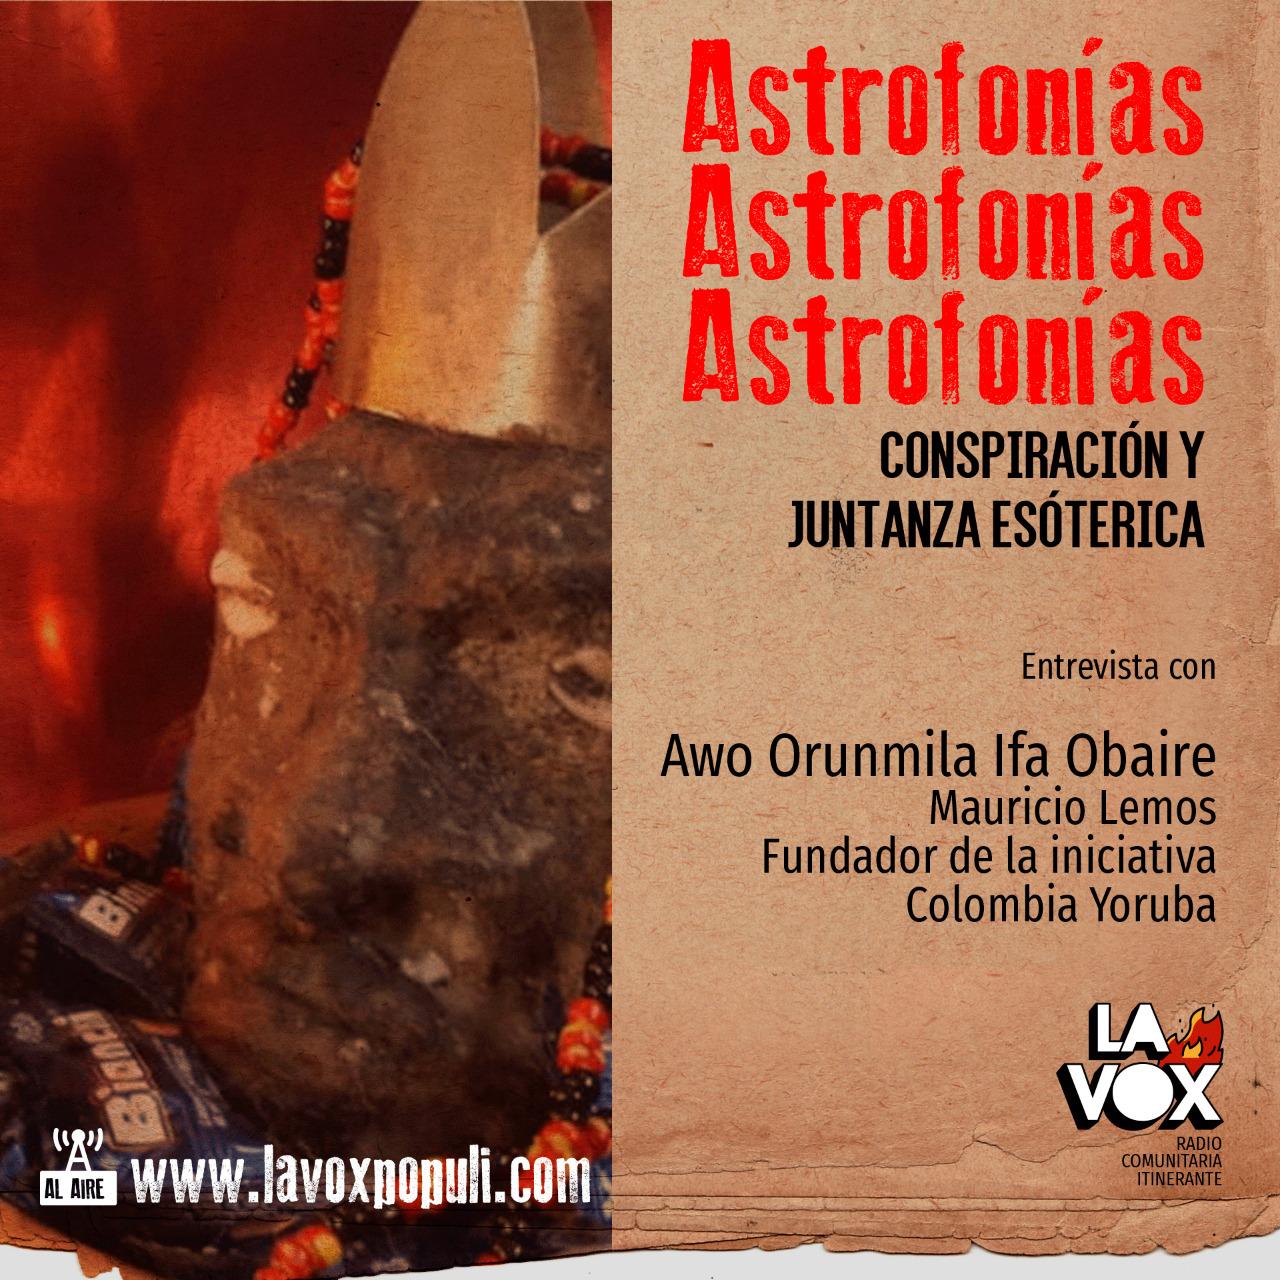 VOL. II: Astrofonías conspiración y juntanza esotérica